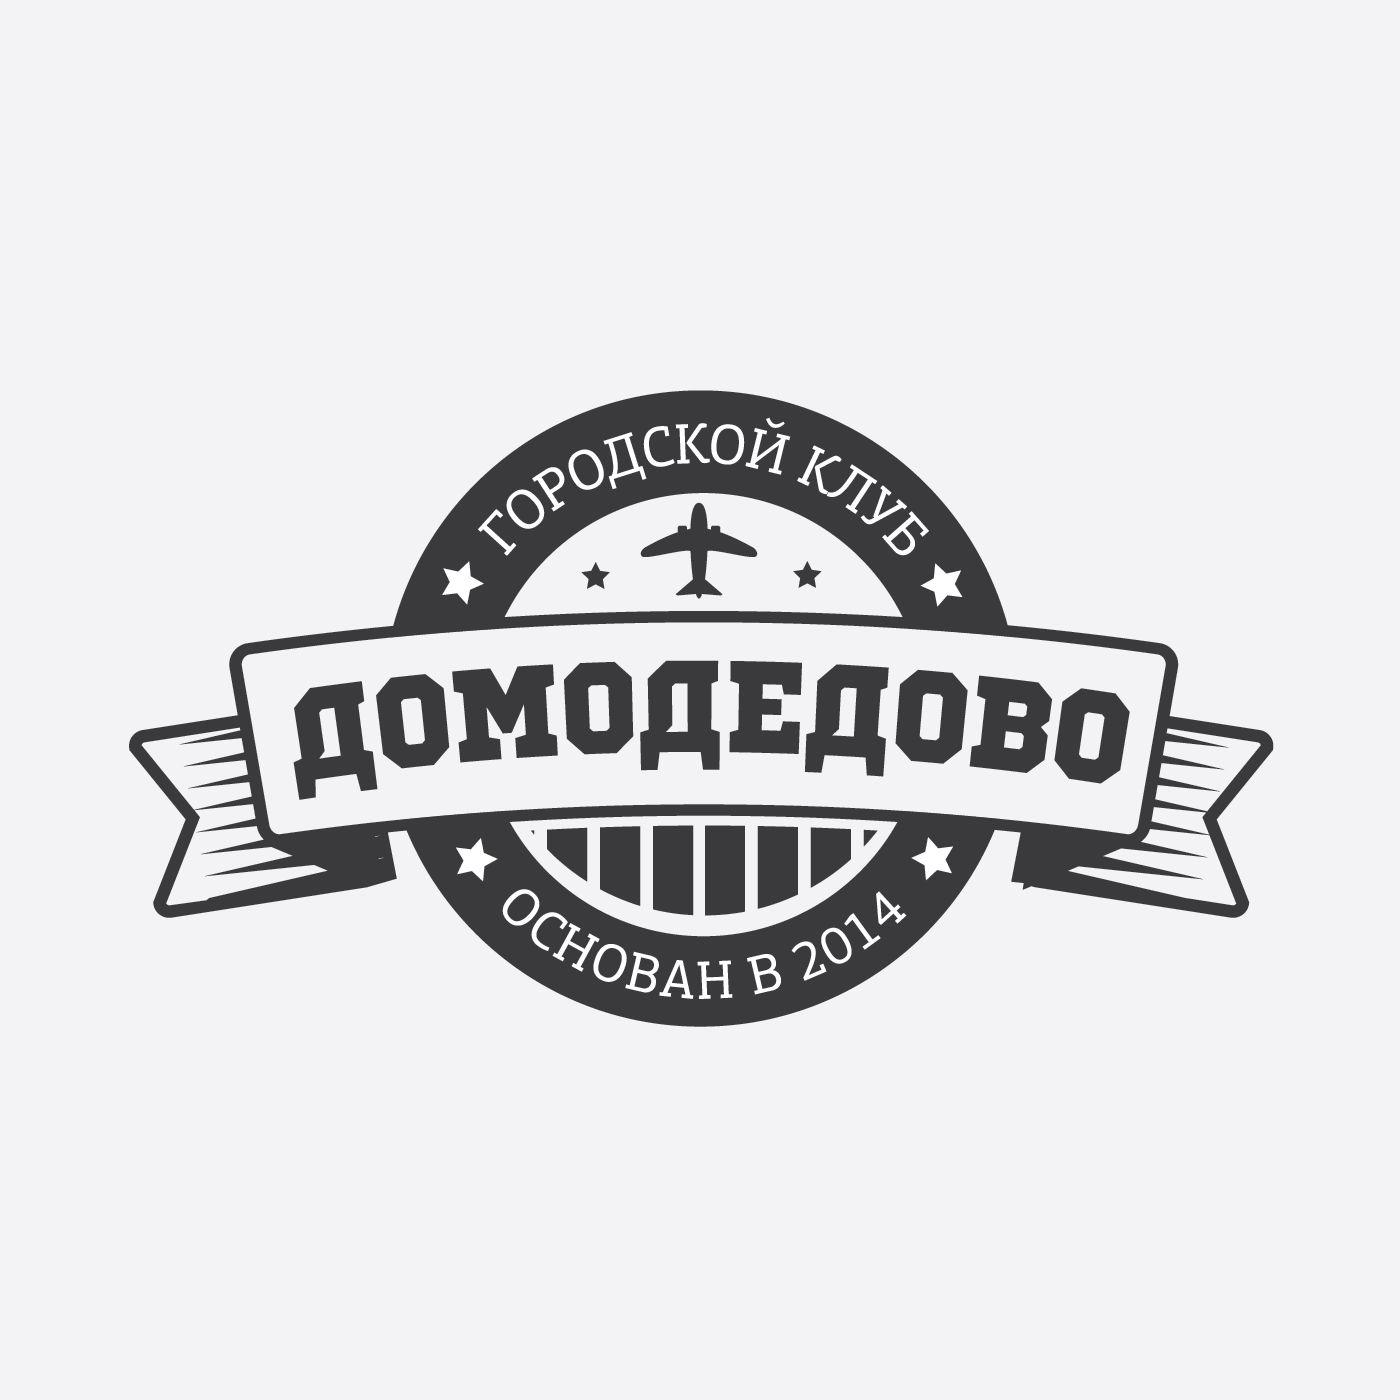 Логотип (Эмблема) для нового Футбольного клуба - дизайнер rikozi